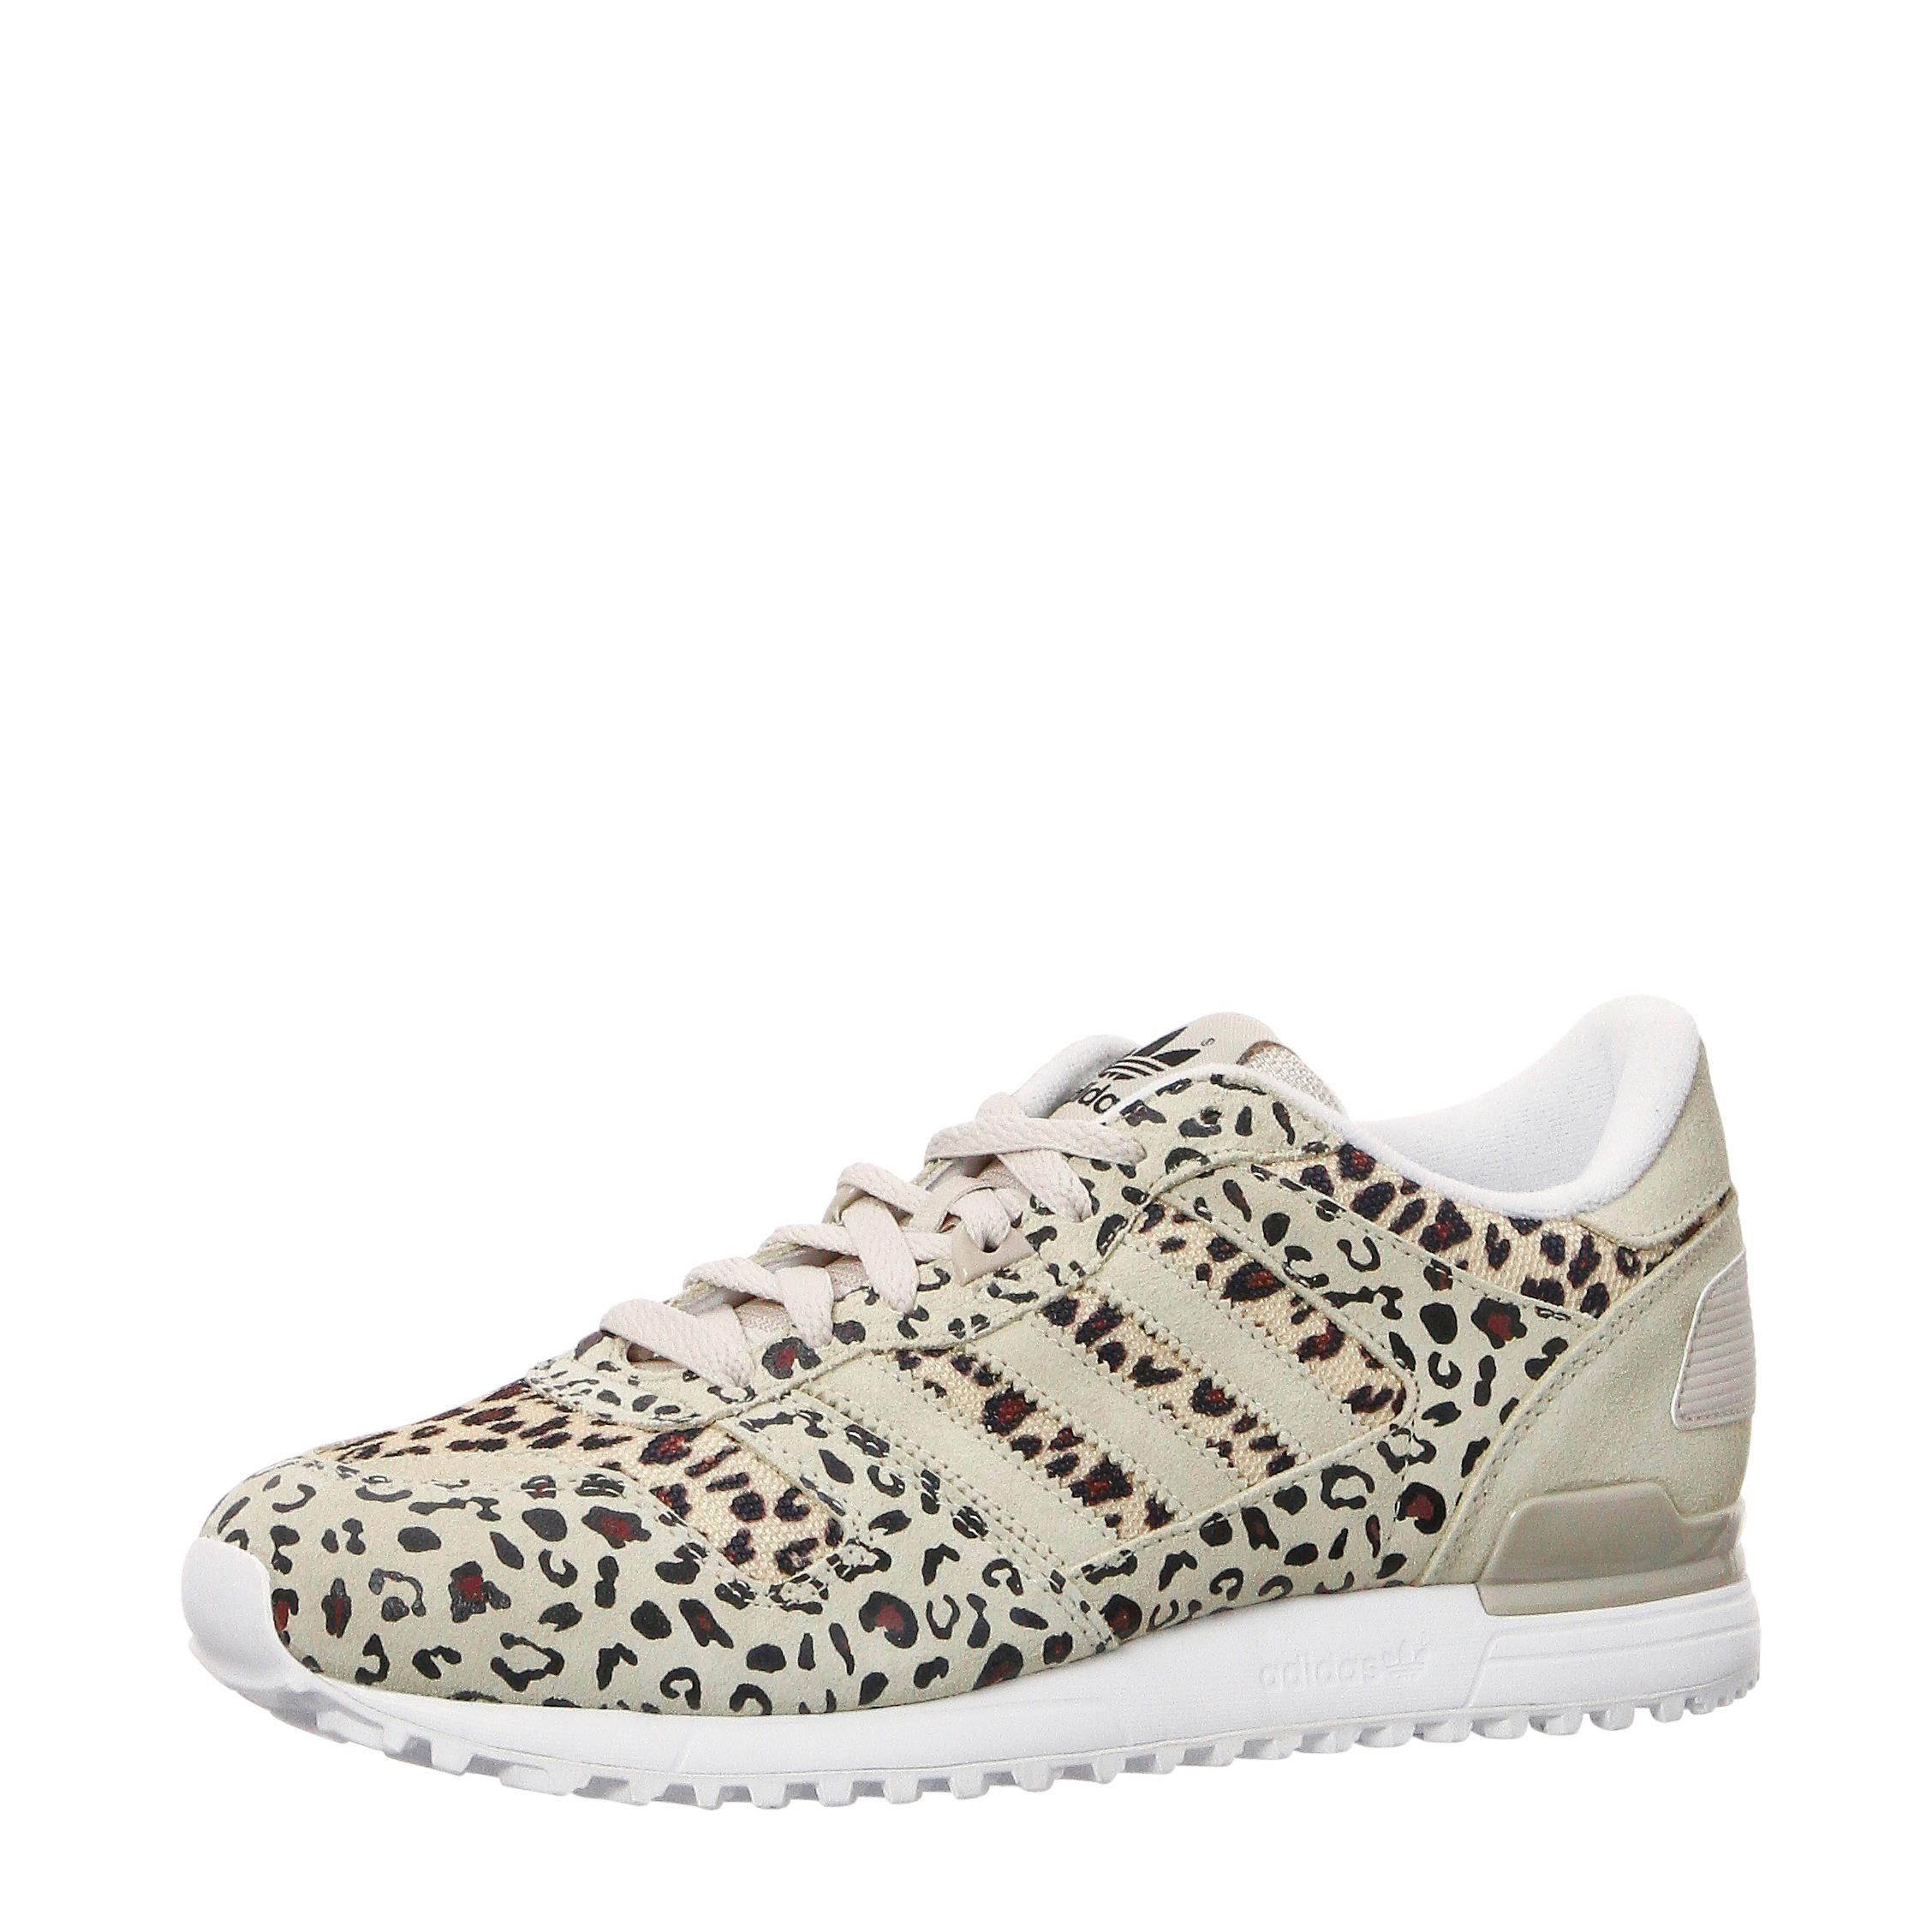 Adidas Originals Sneakers Zx 700 Beige Bruin Adidas Originals Dames Sneakers 86425926 Adidas Originals Sneaker Suede